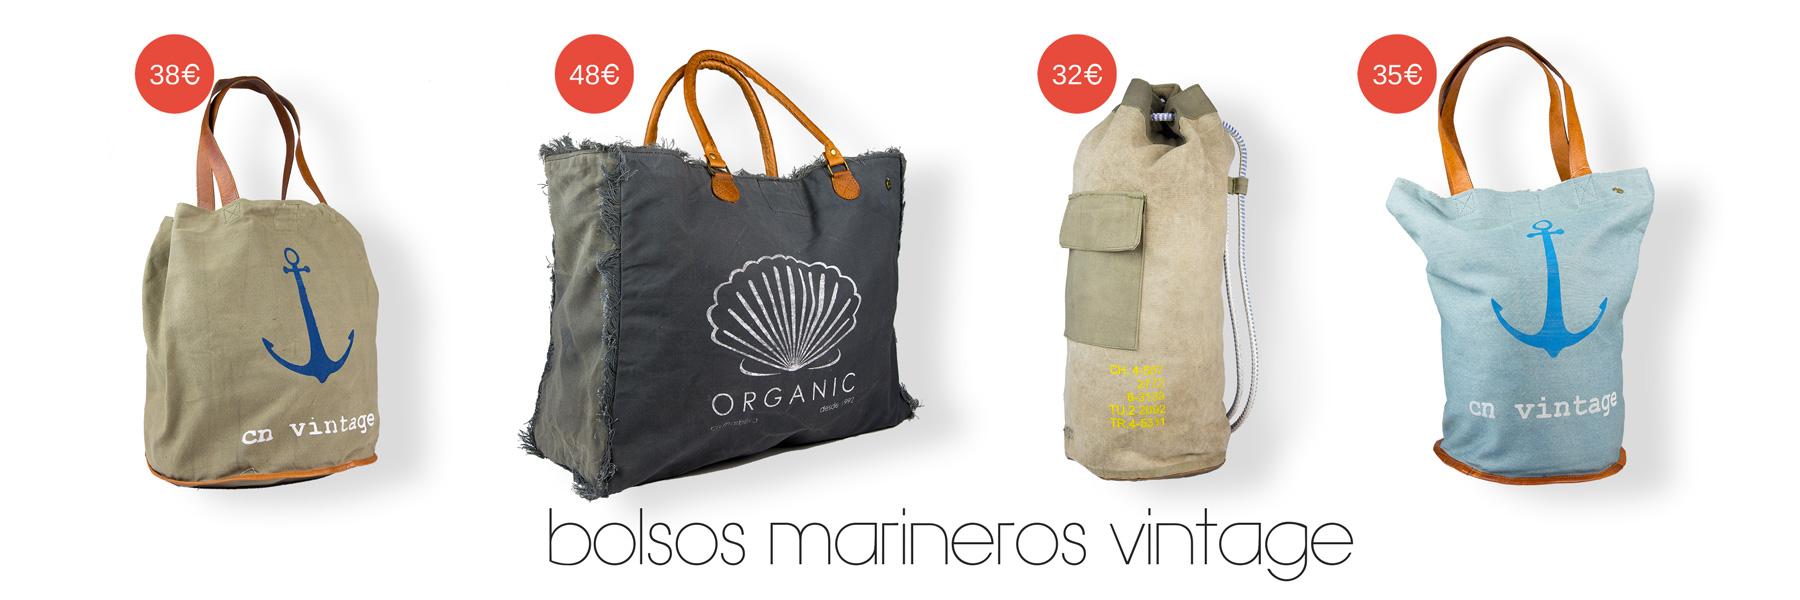 Bolsos y bolsas marineras